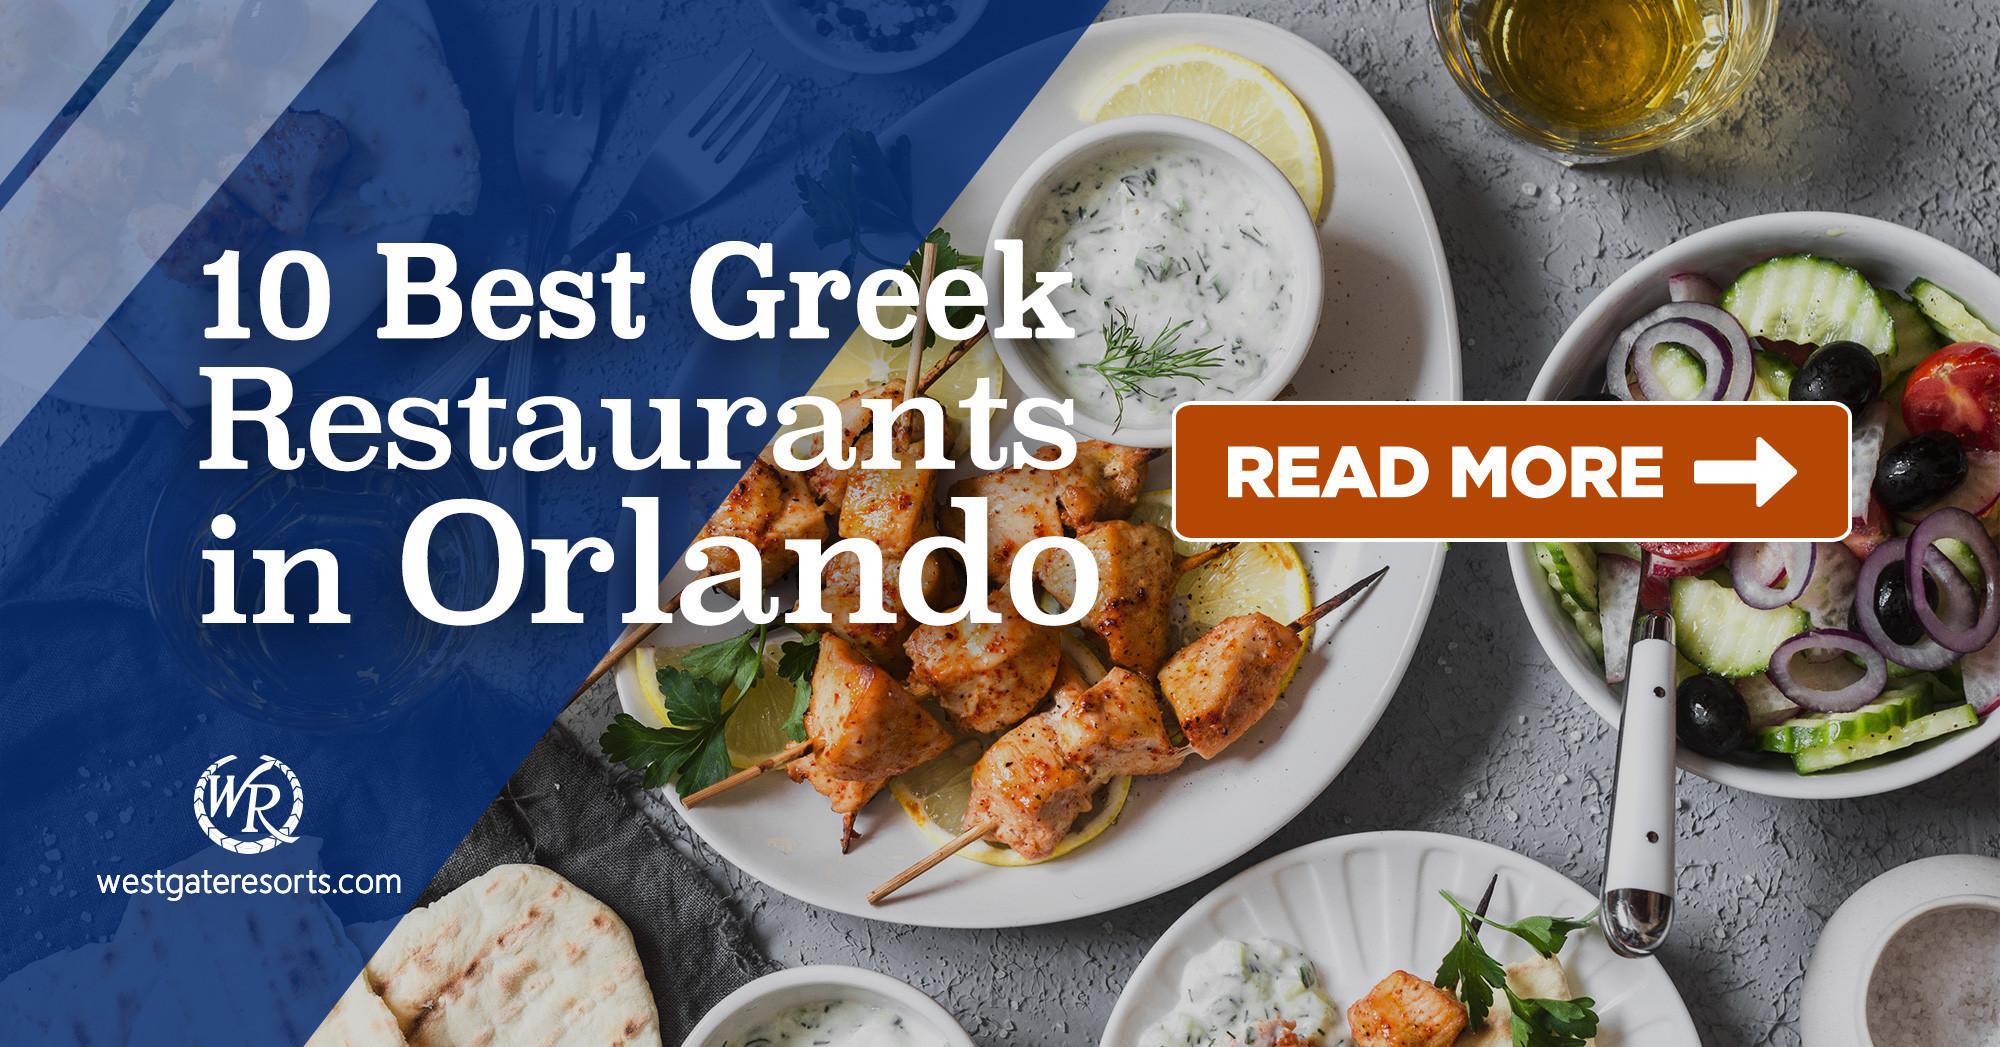 10 Best Greek Restaurants in Orlando